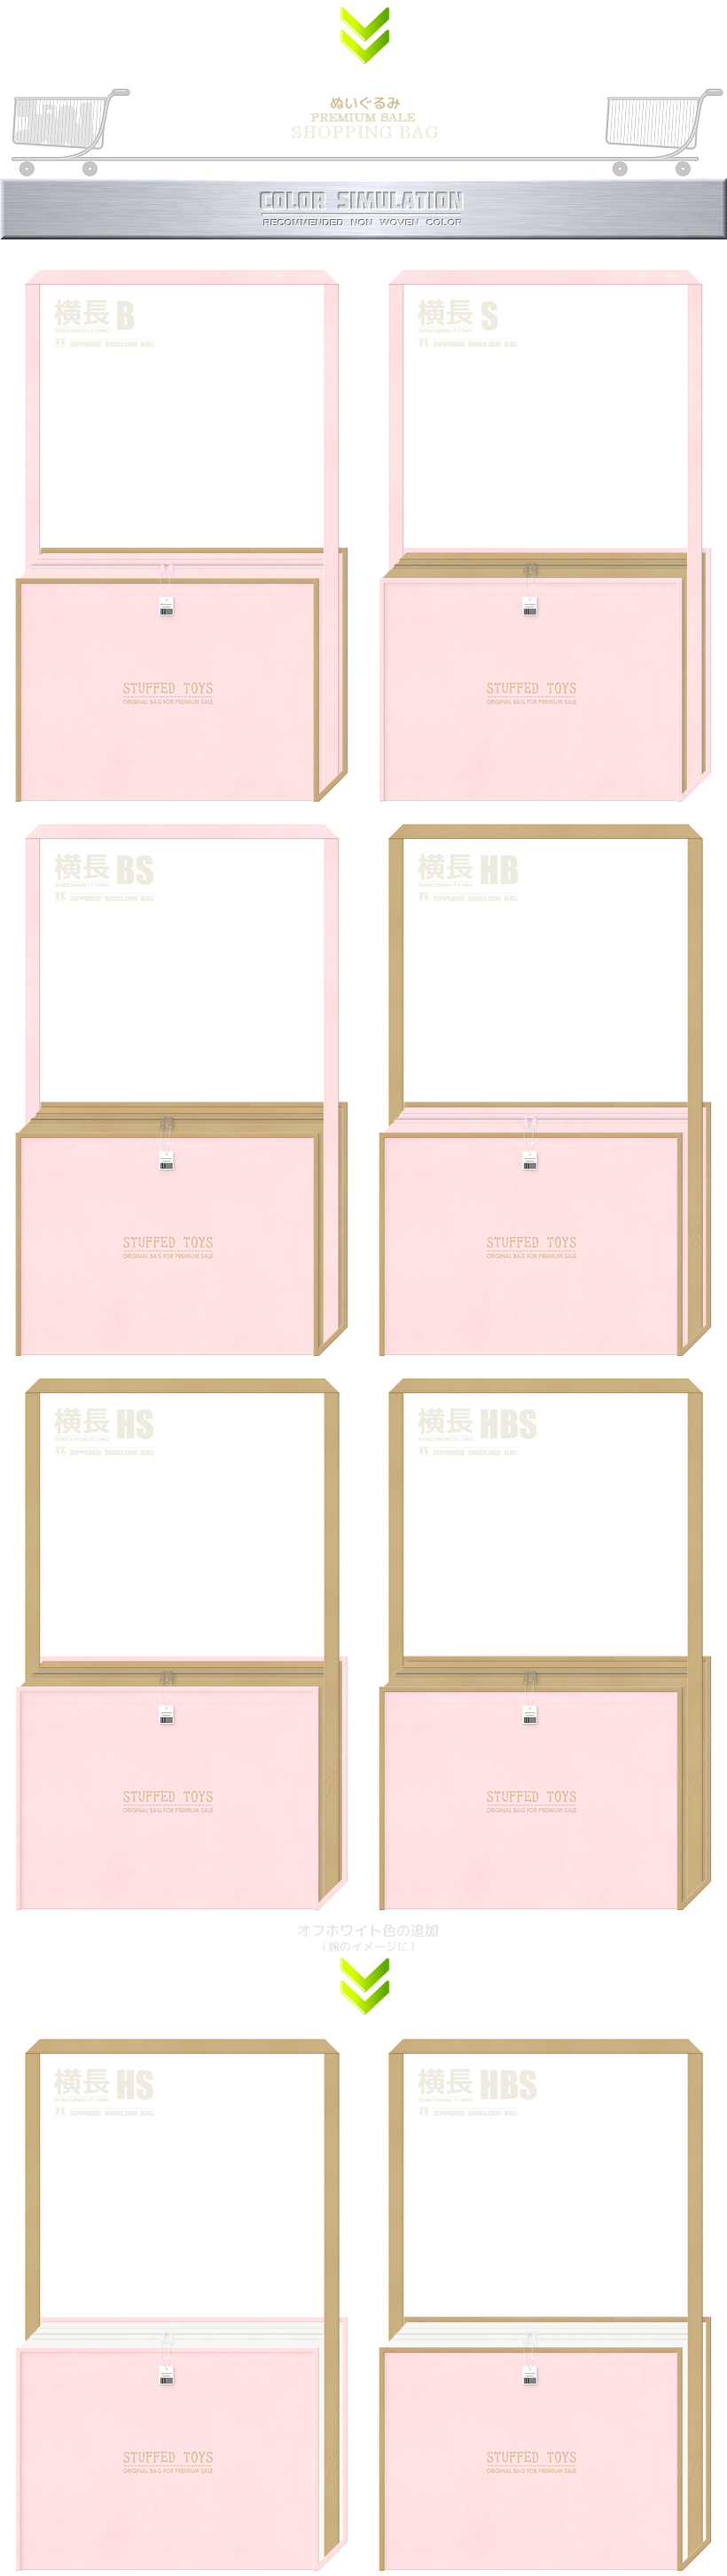 桜色とカーキ色をメインに使用した、ファスナー付き不織布バッグのカラーシミュレーション:ぬいぐるみのショッピングバッグ